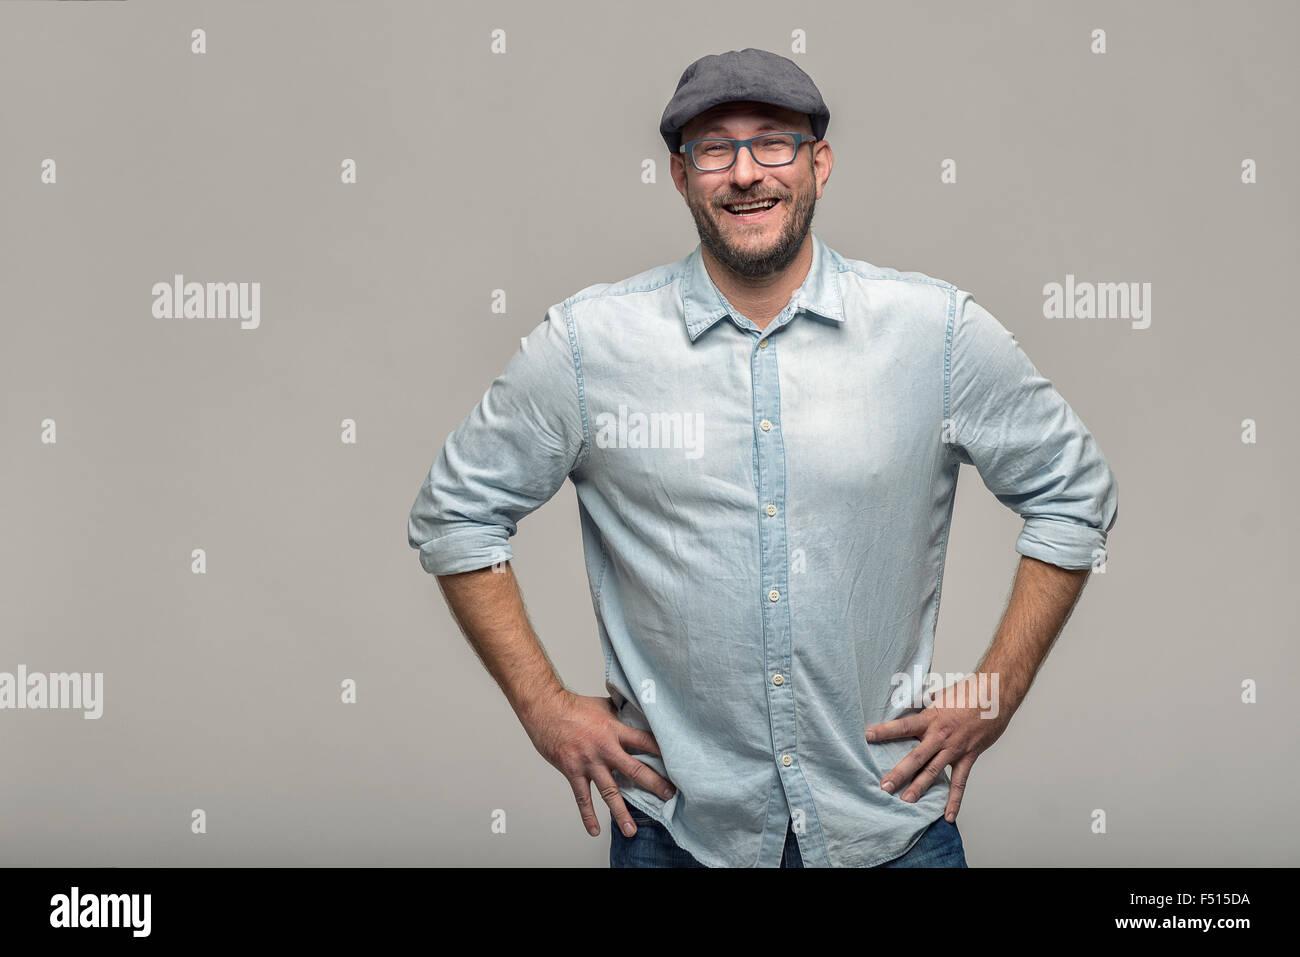 Freundlichen attraktiver Mann mit Brille betrachtet man die Kamera mit einem schönen warmen Lächeln, Oberkörper Stockbild